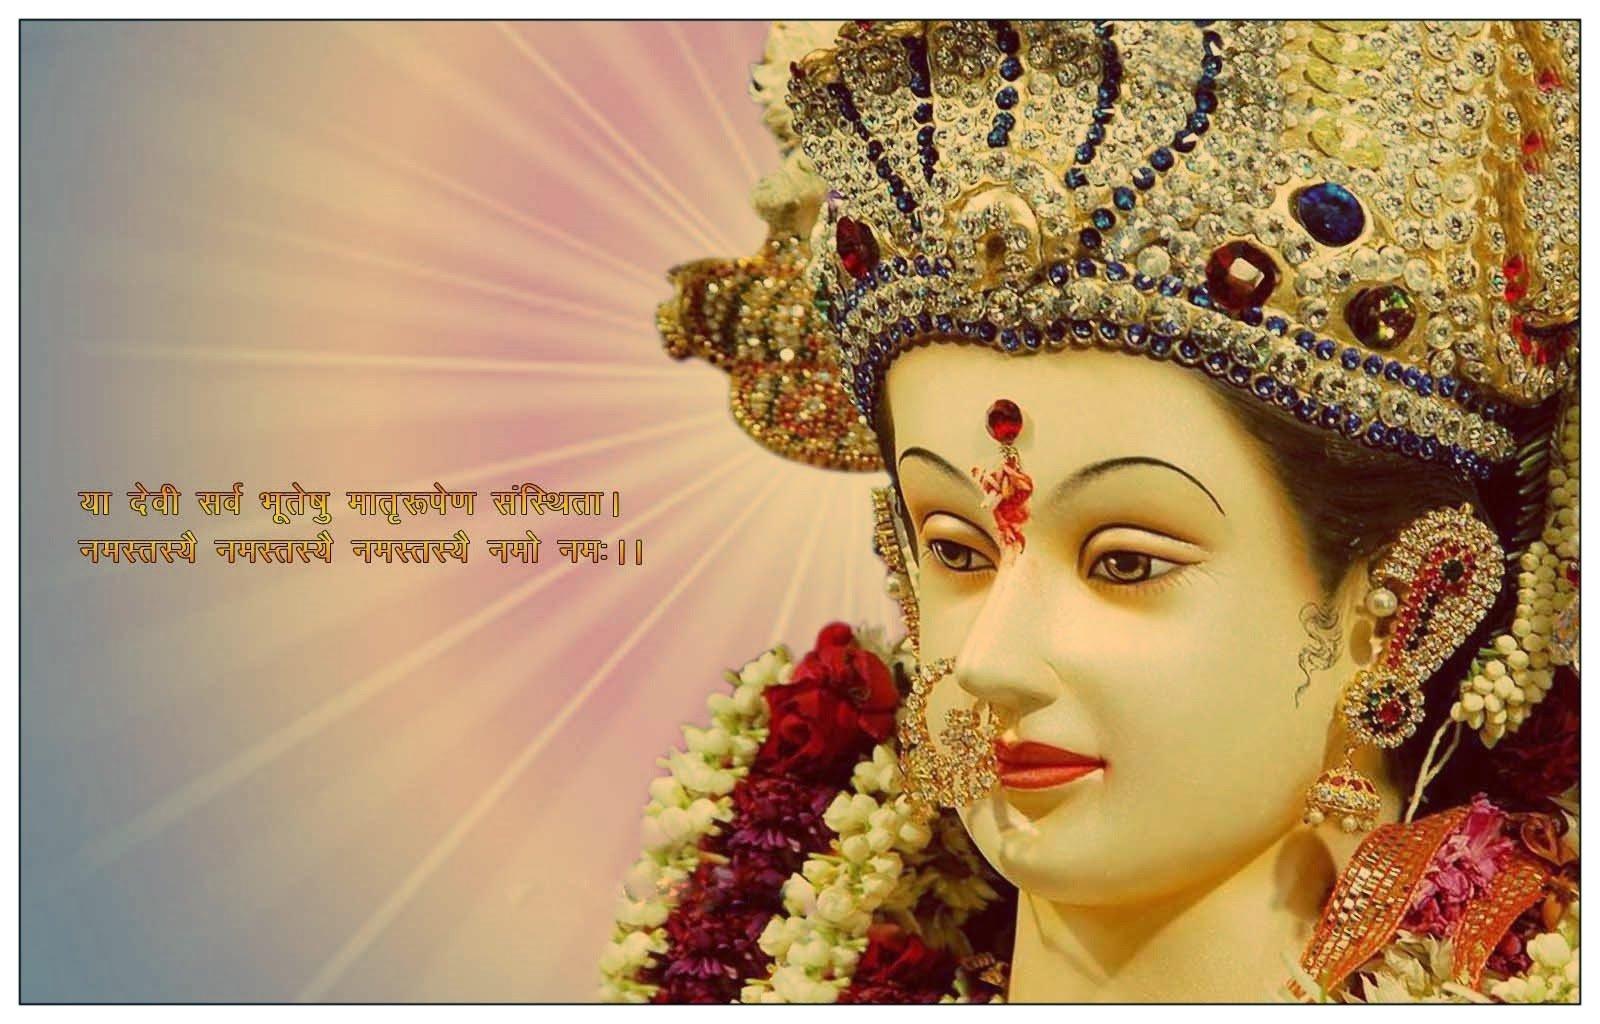 कुल देवी या देवता को 4 उपाय से मनाएं और संकटों से मुक्ति पाएं